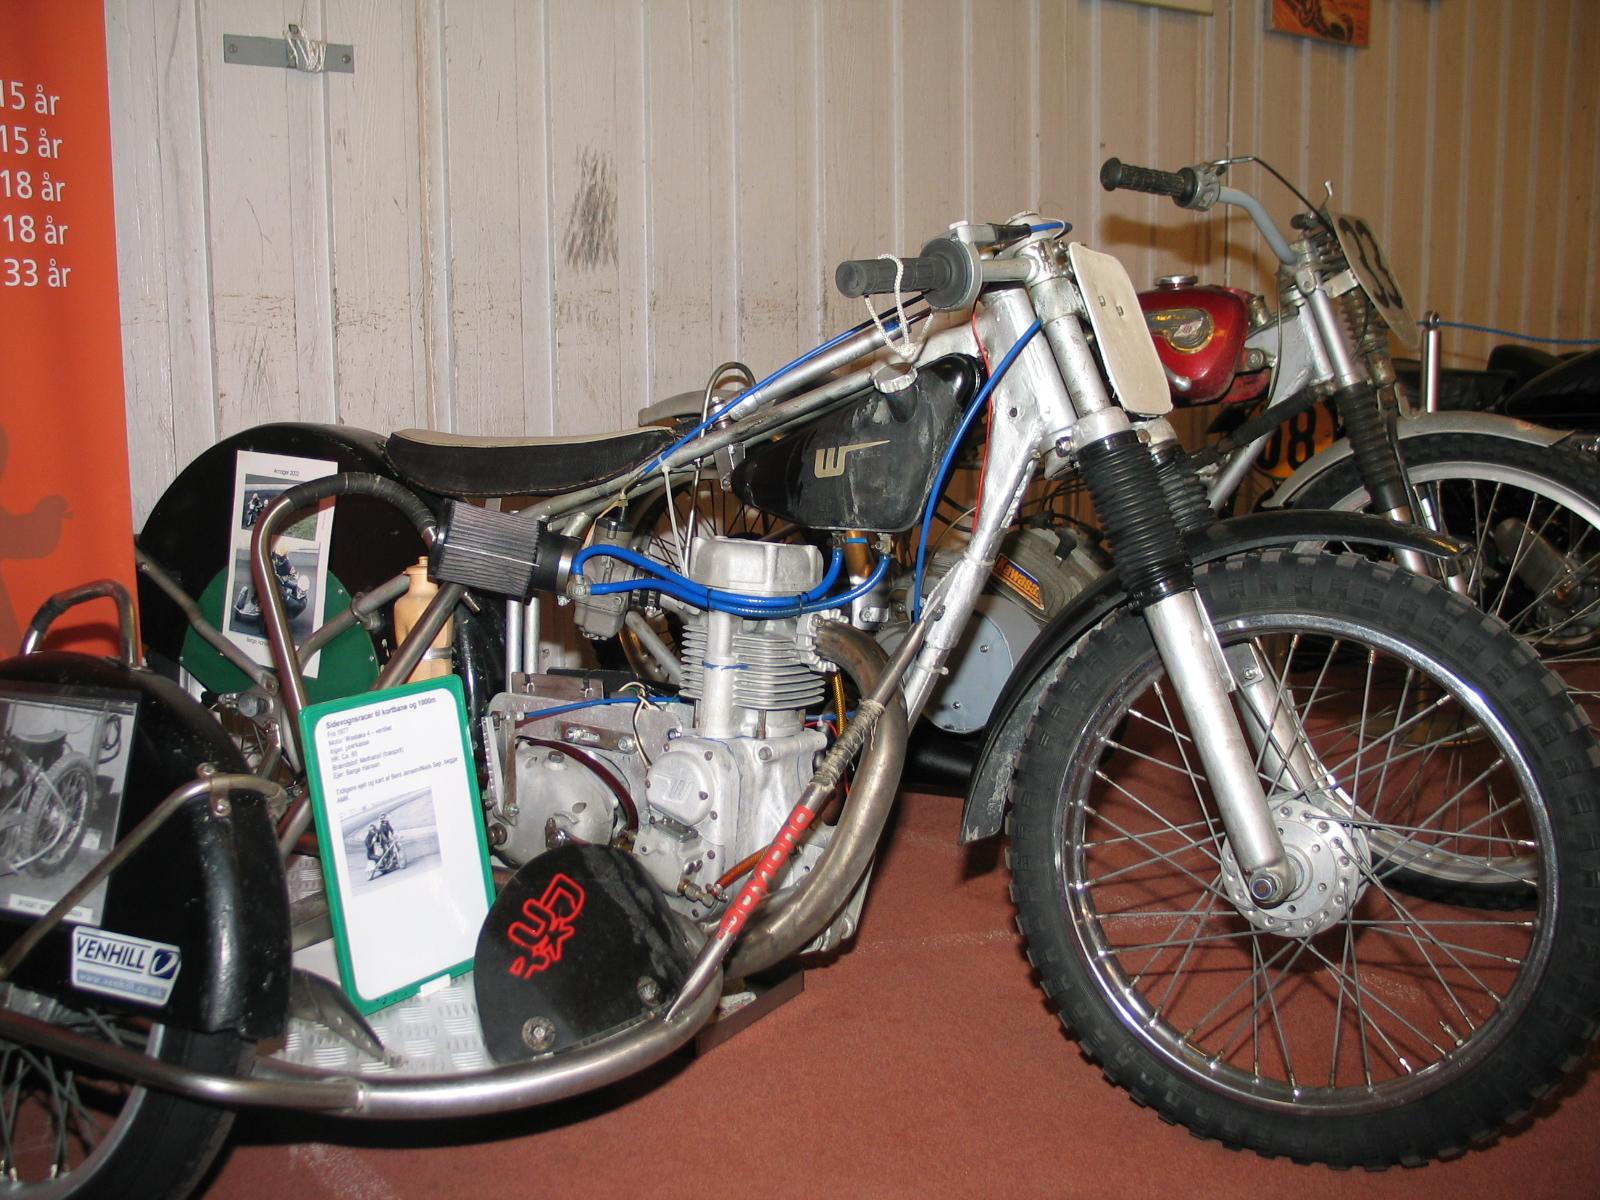 Sidevognsracer med Weslake Motor. Tidligere kørt og ejet af Bent Jensen/Niels Sejr.